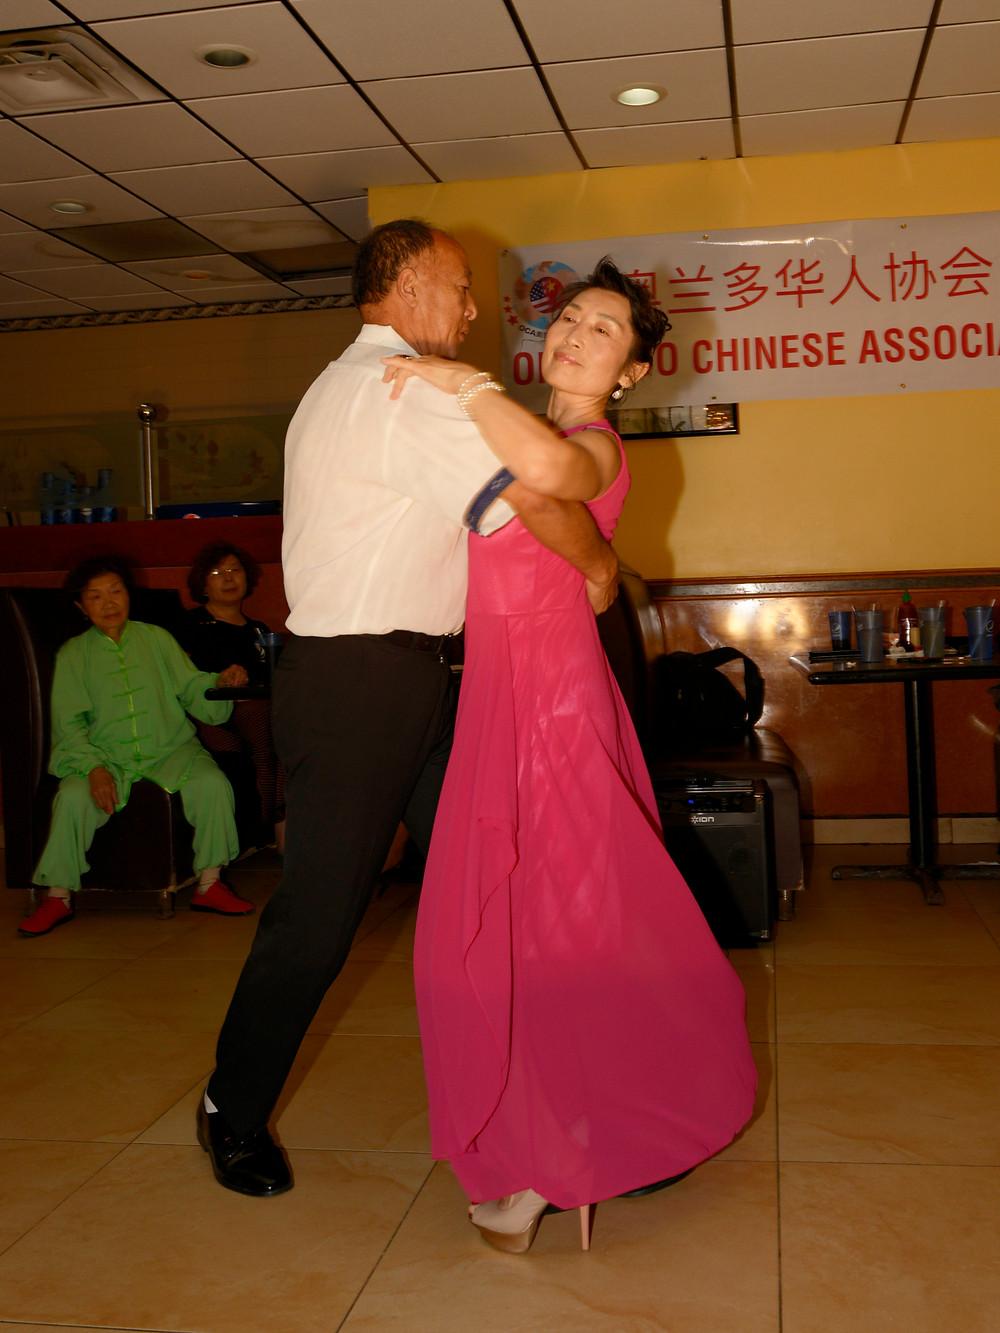 奥兰多华人协会 文化艺术团 表演舞蹈